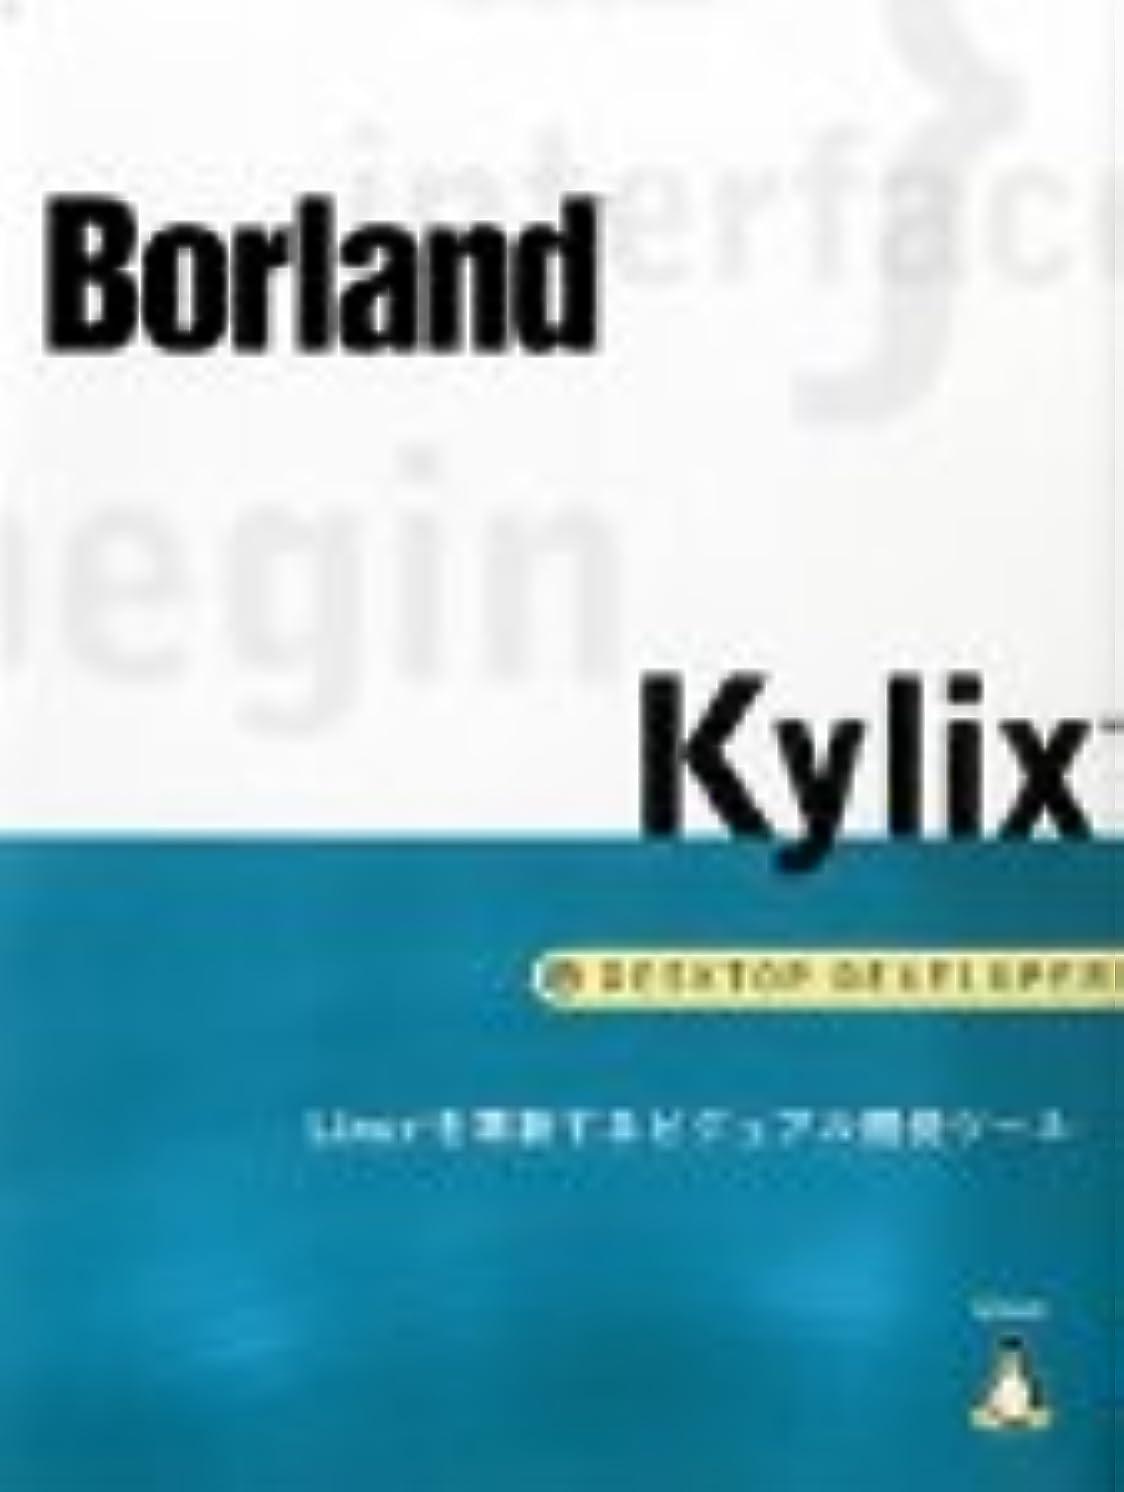 マウントお嬢疑わしいBorland Kylix Desktop Developer